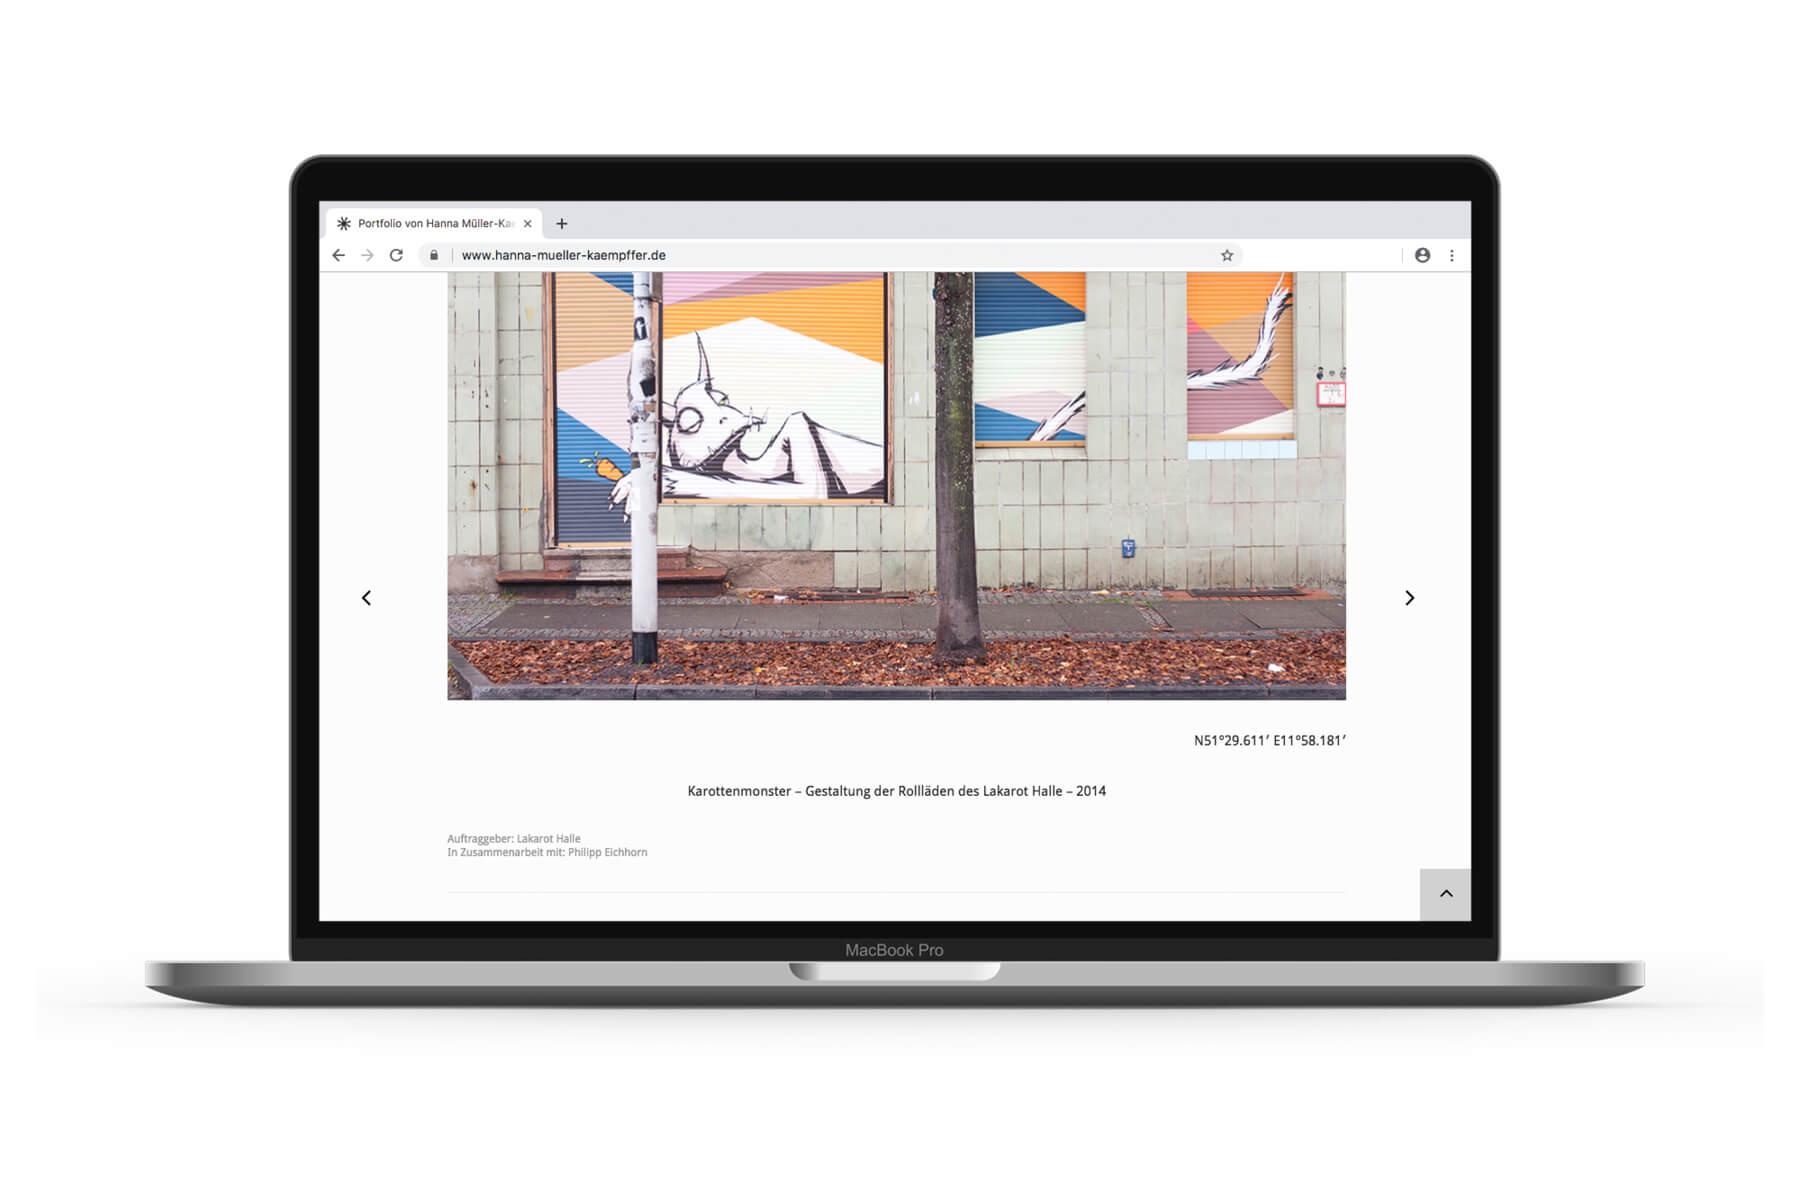 grafikdesign-janis-weidner-lindau-bodensee-website-h-03